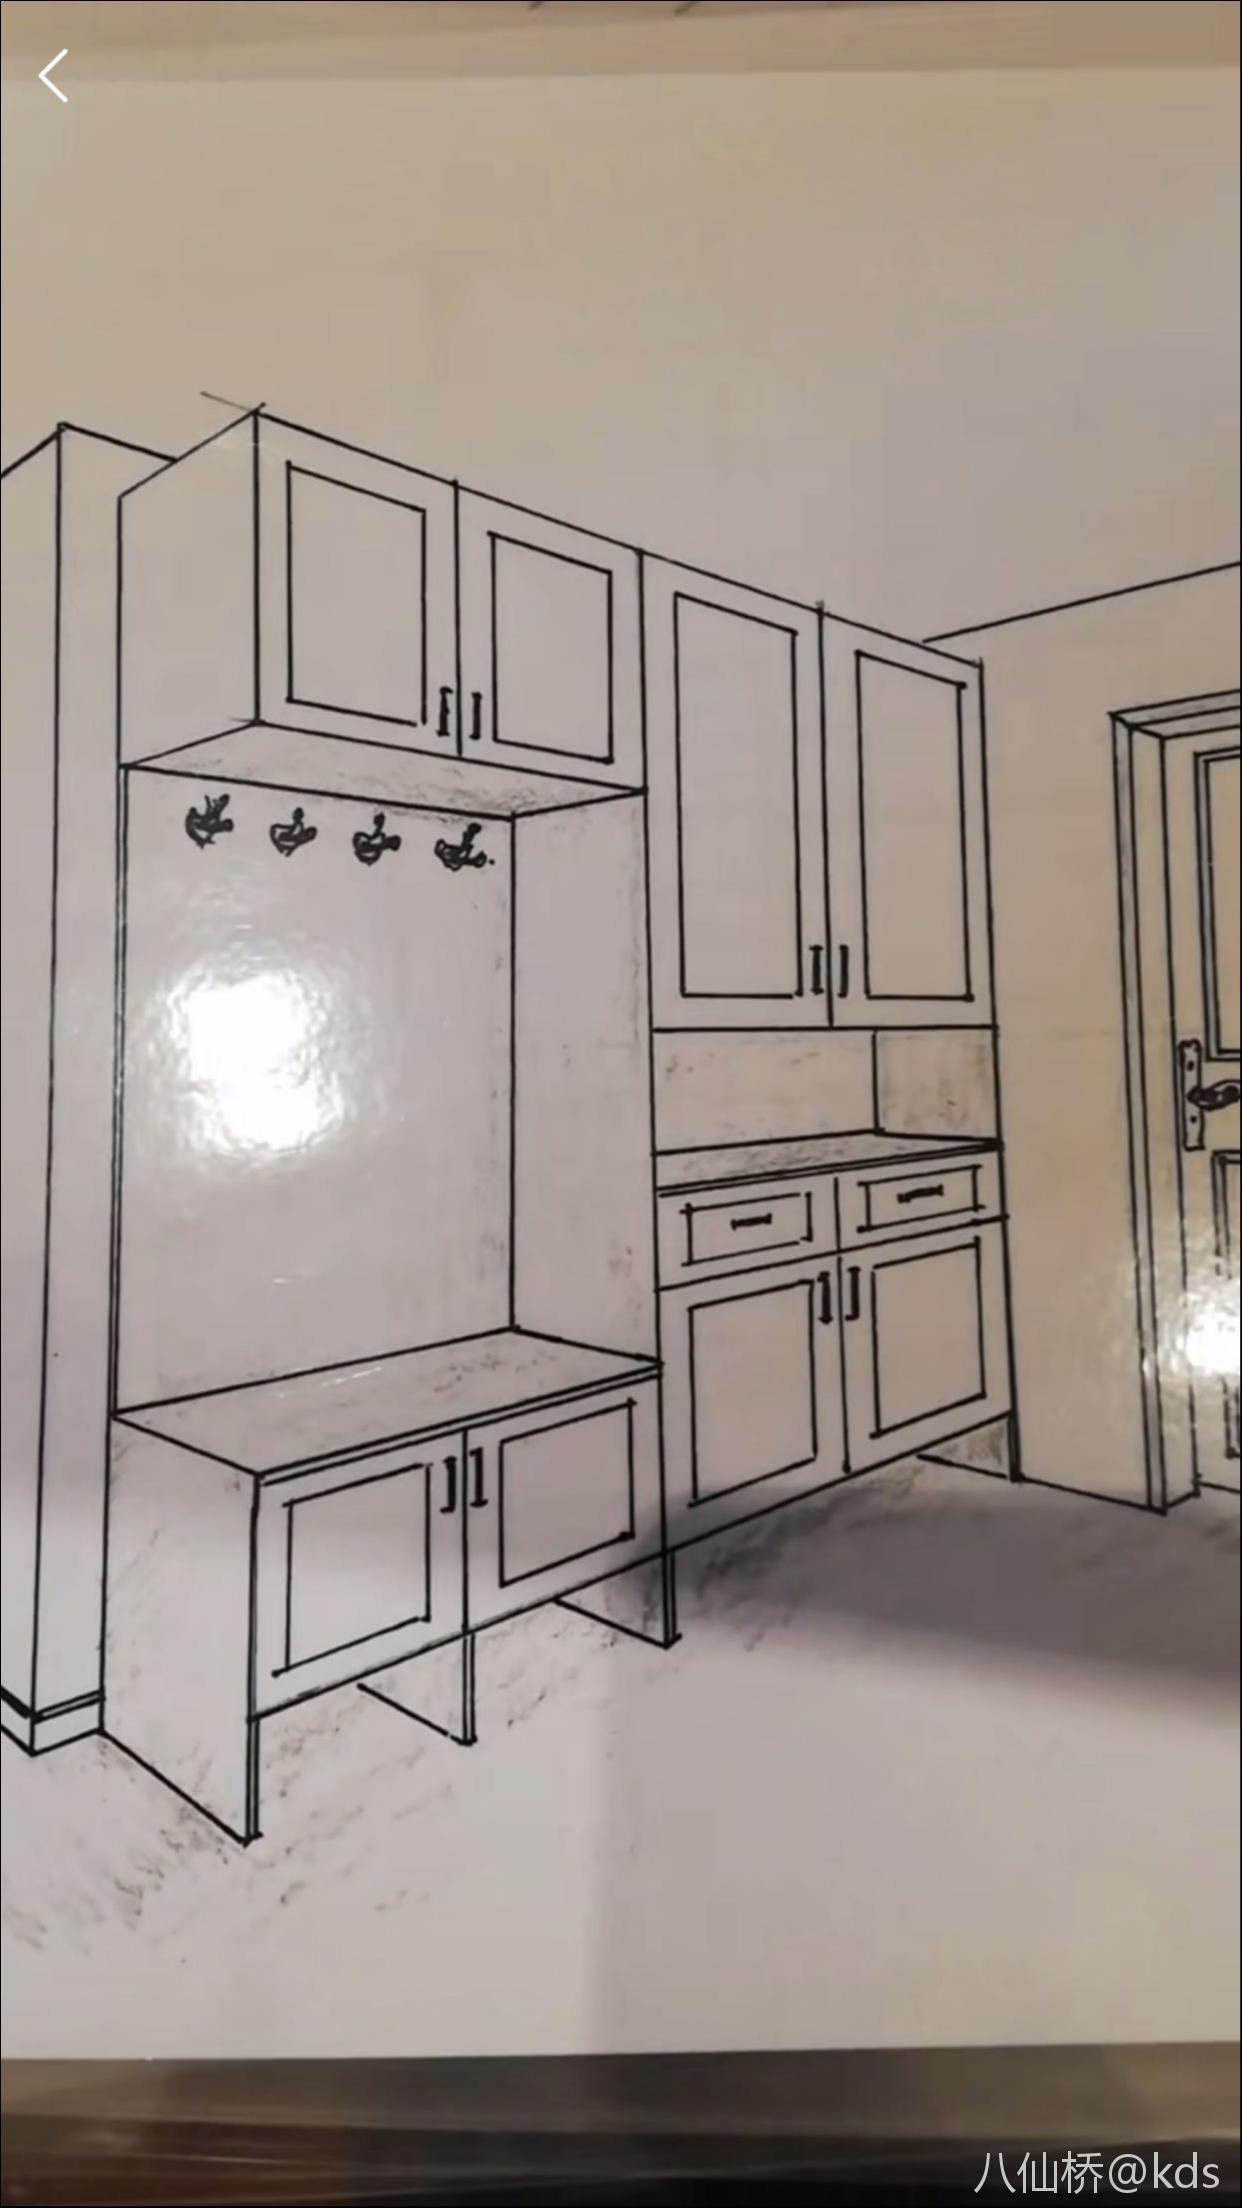 床 家居 家具 卧室 装修 1242_2208 竖版 竖屏图片